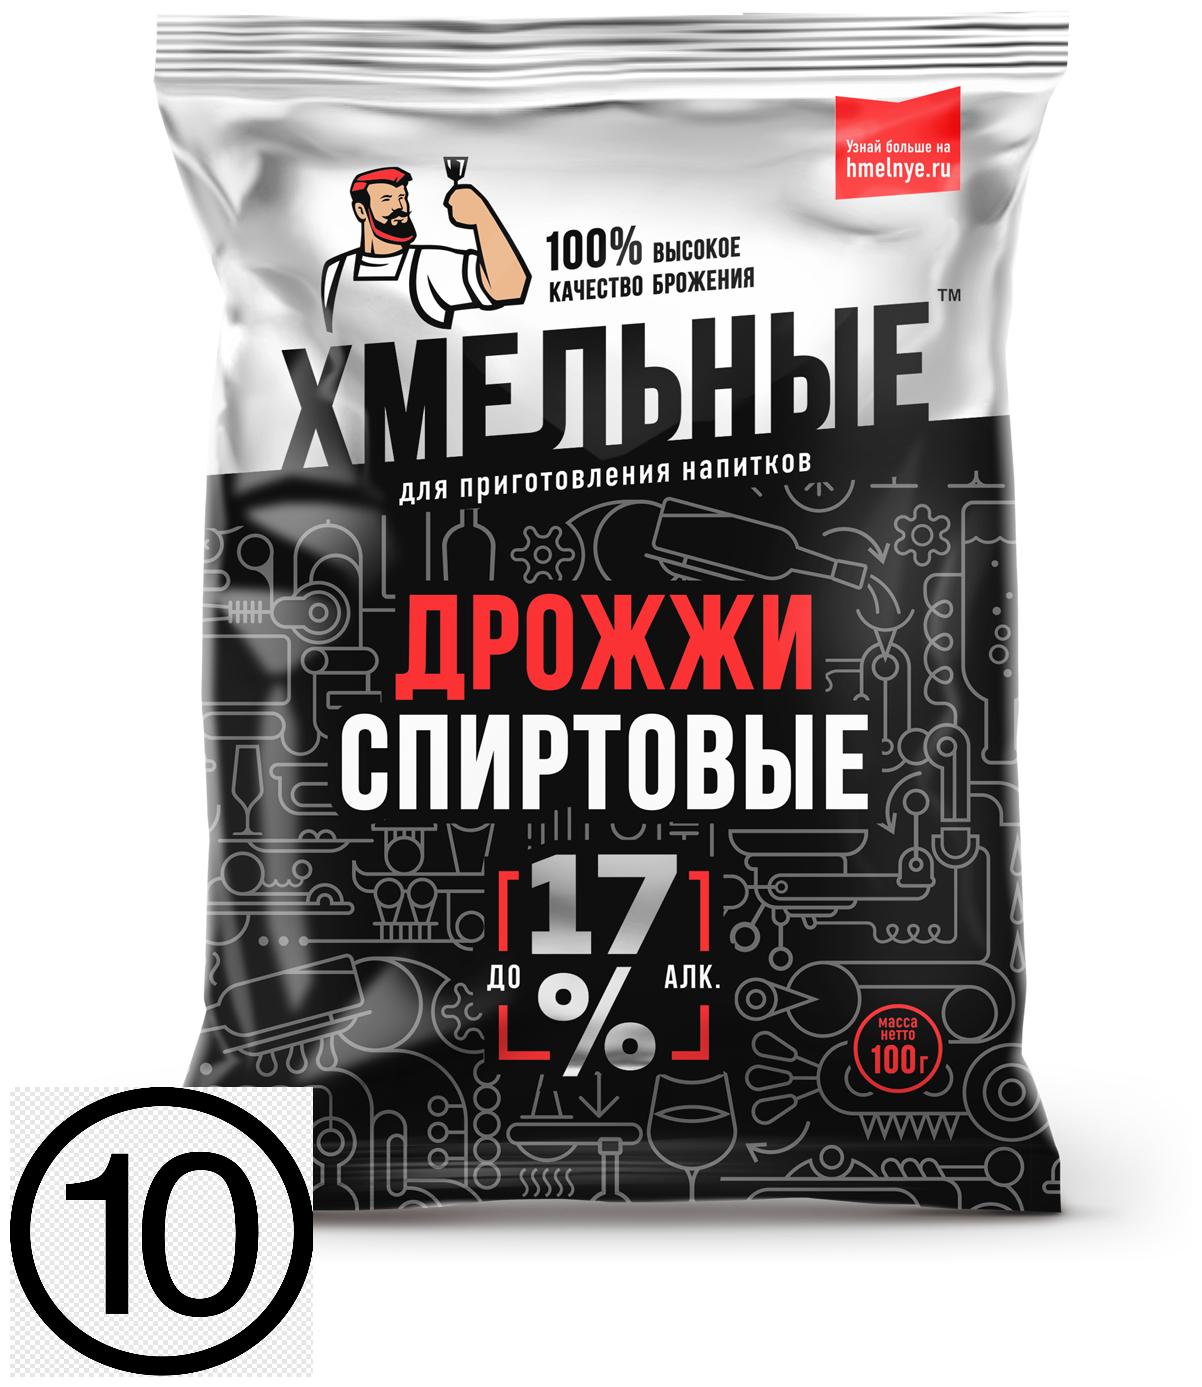 Дрожжи спиртовые Хмельные, 100 г. 10 пачек. — купить по выгодной цене на Яндекс.Маркете